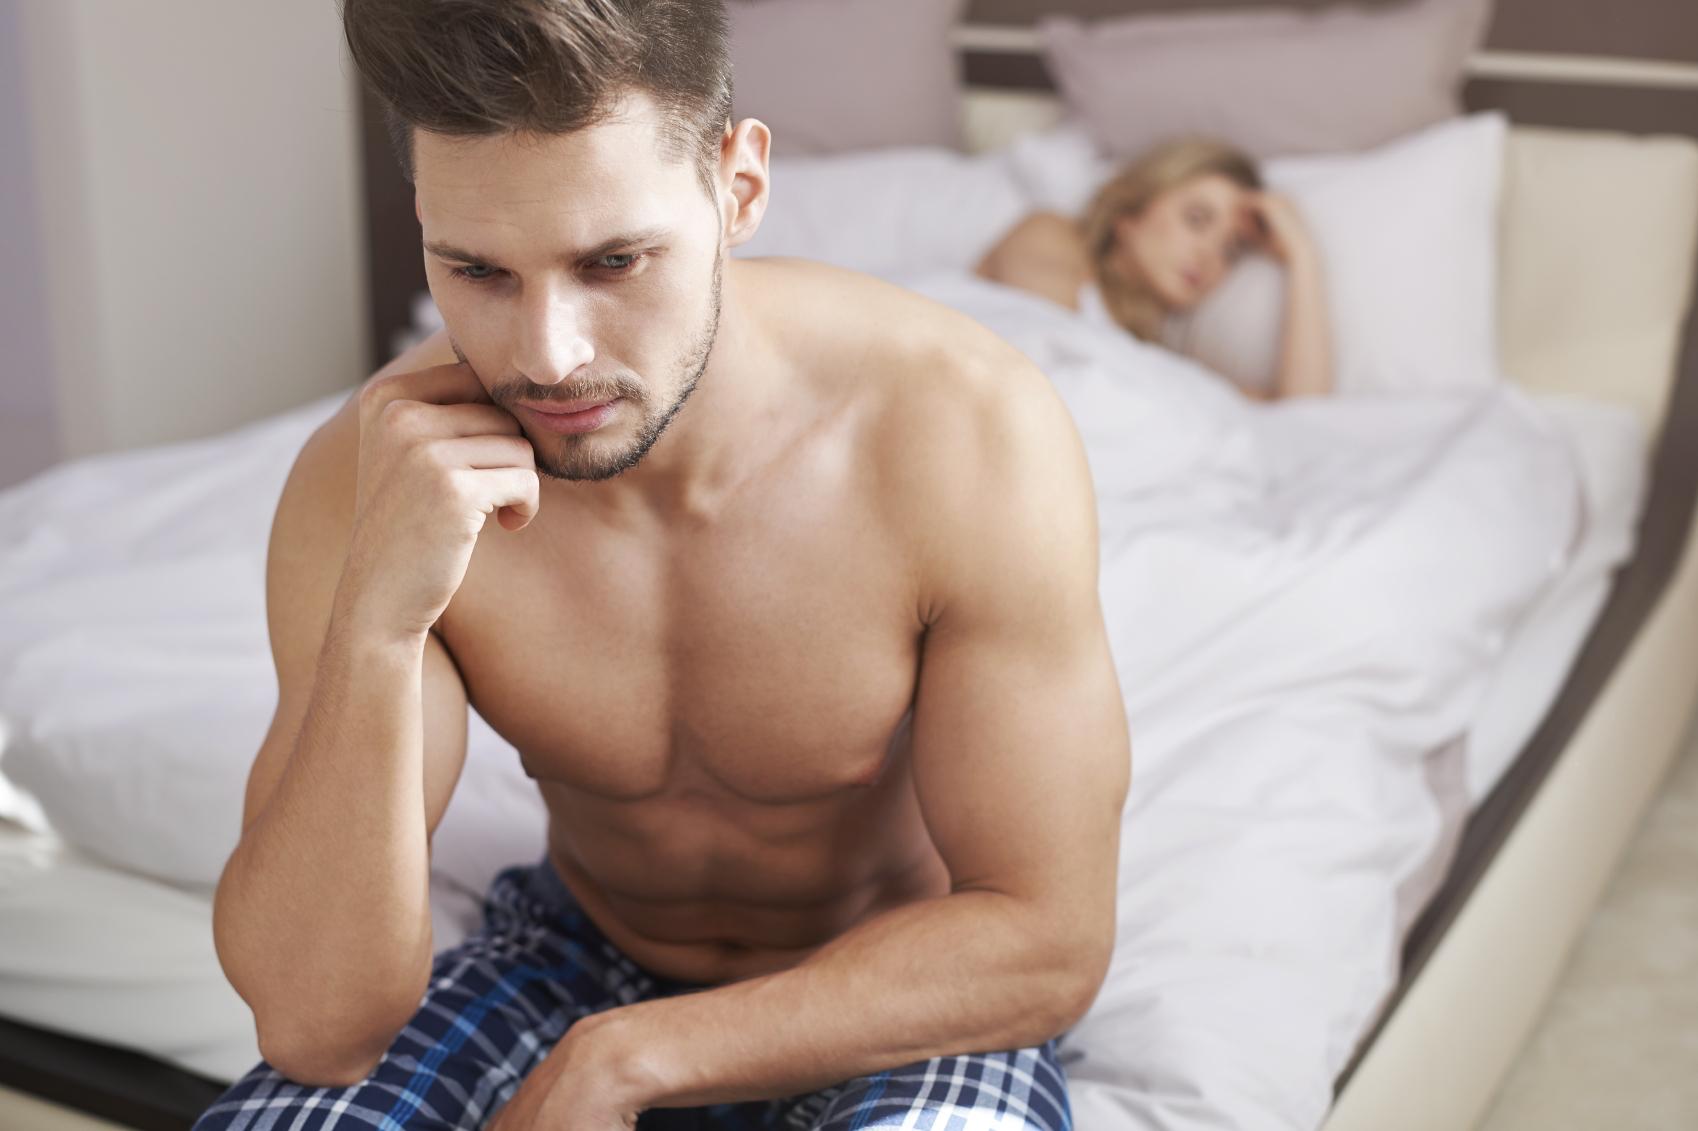 Min kæreste vil ikke have børn nu. Hvad skal jeg gøre?